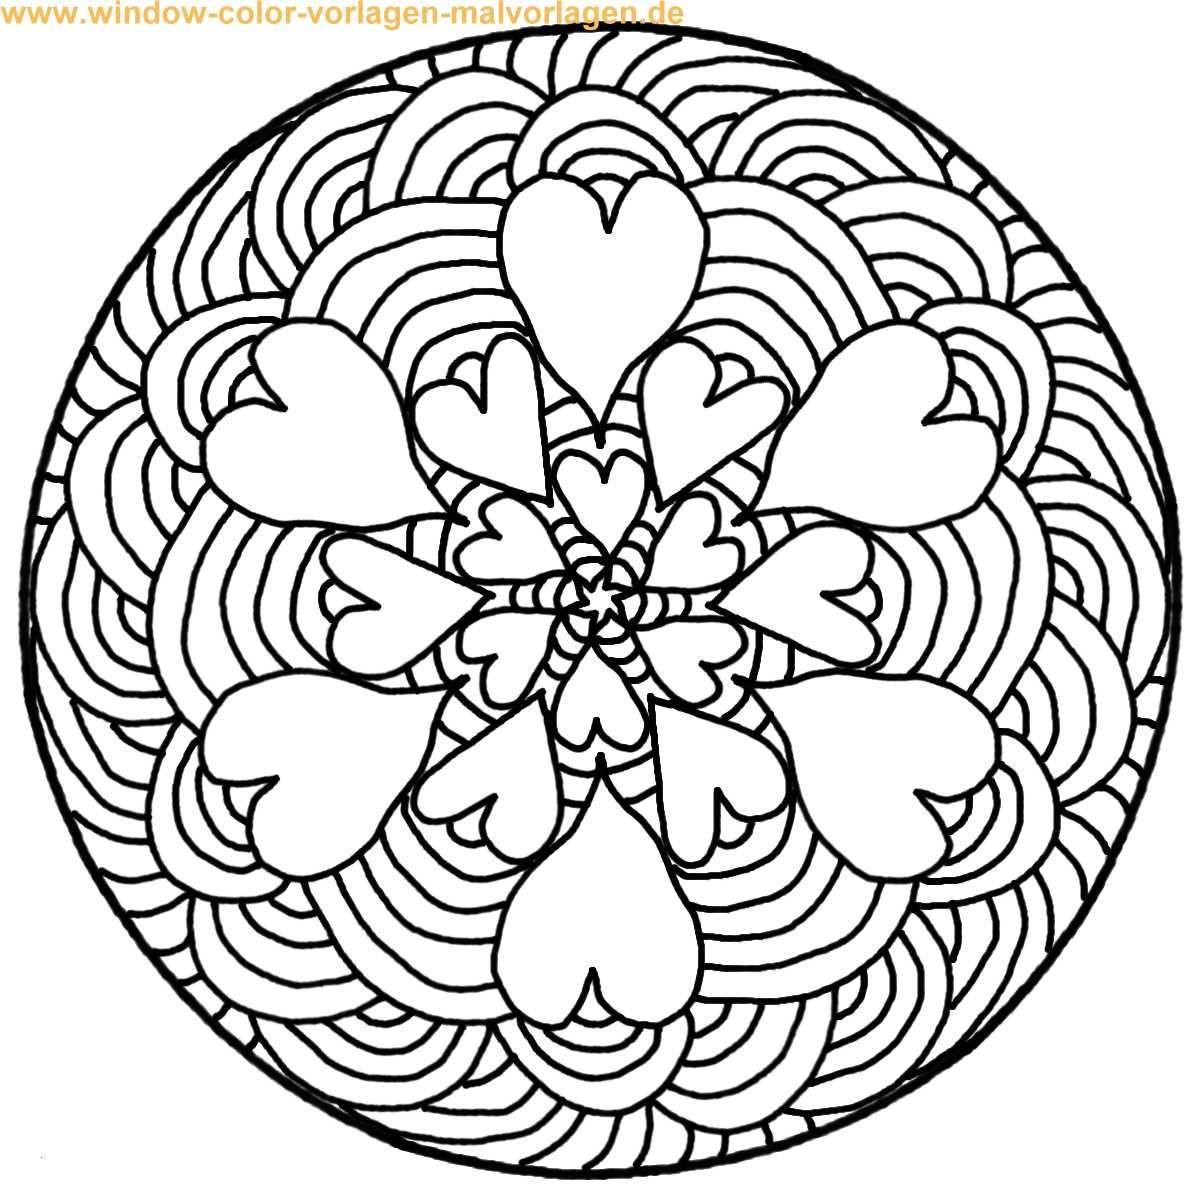 Herzen Zum Ausmalen Einzigartig Muttertag Mandala ¢ ¦ Herz & ornament Ausmalen Mandala Frisch Fotografieren